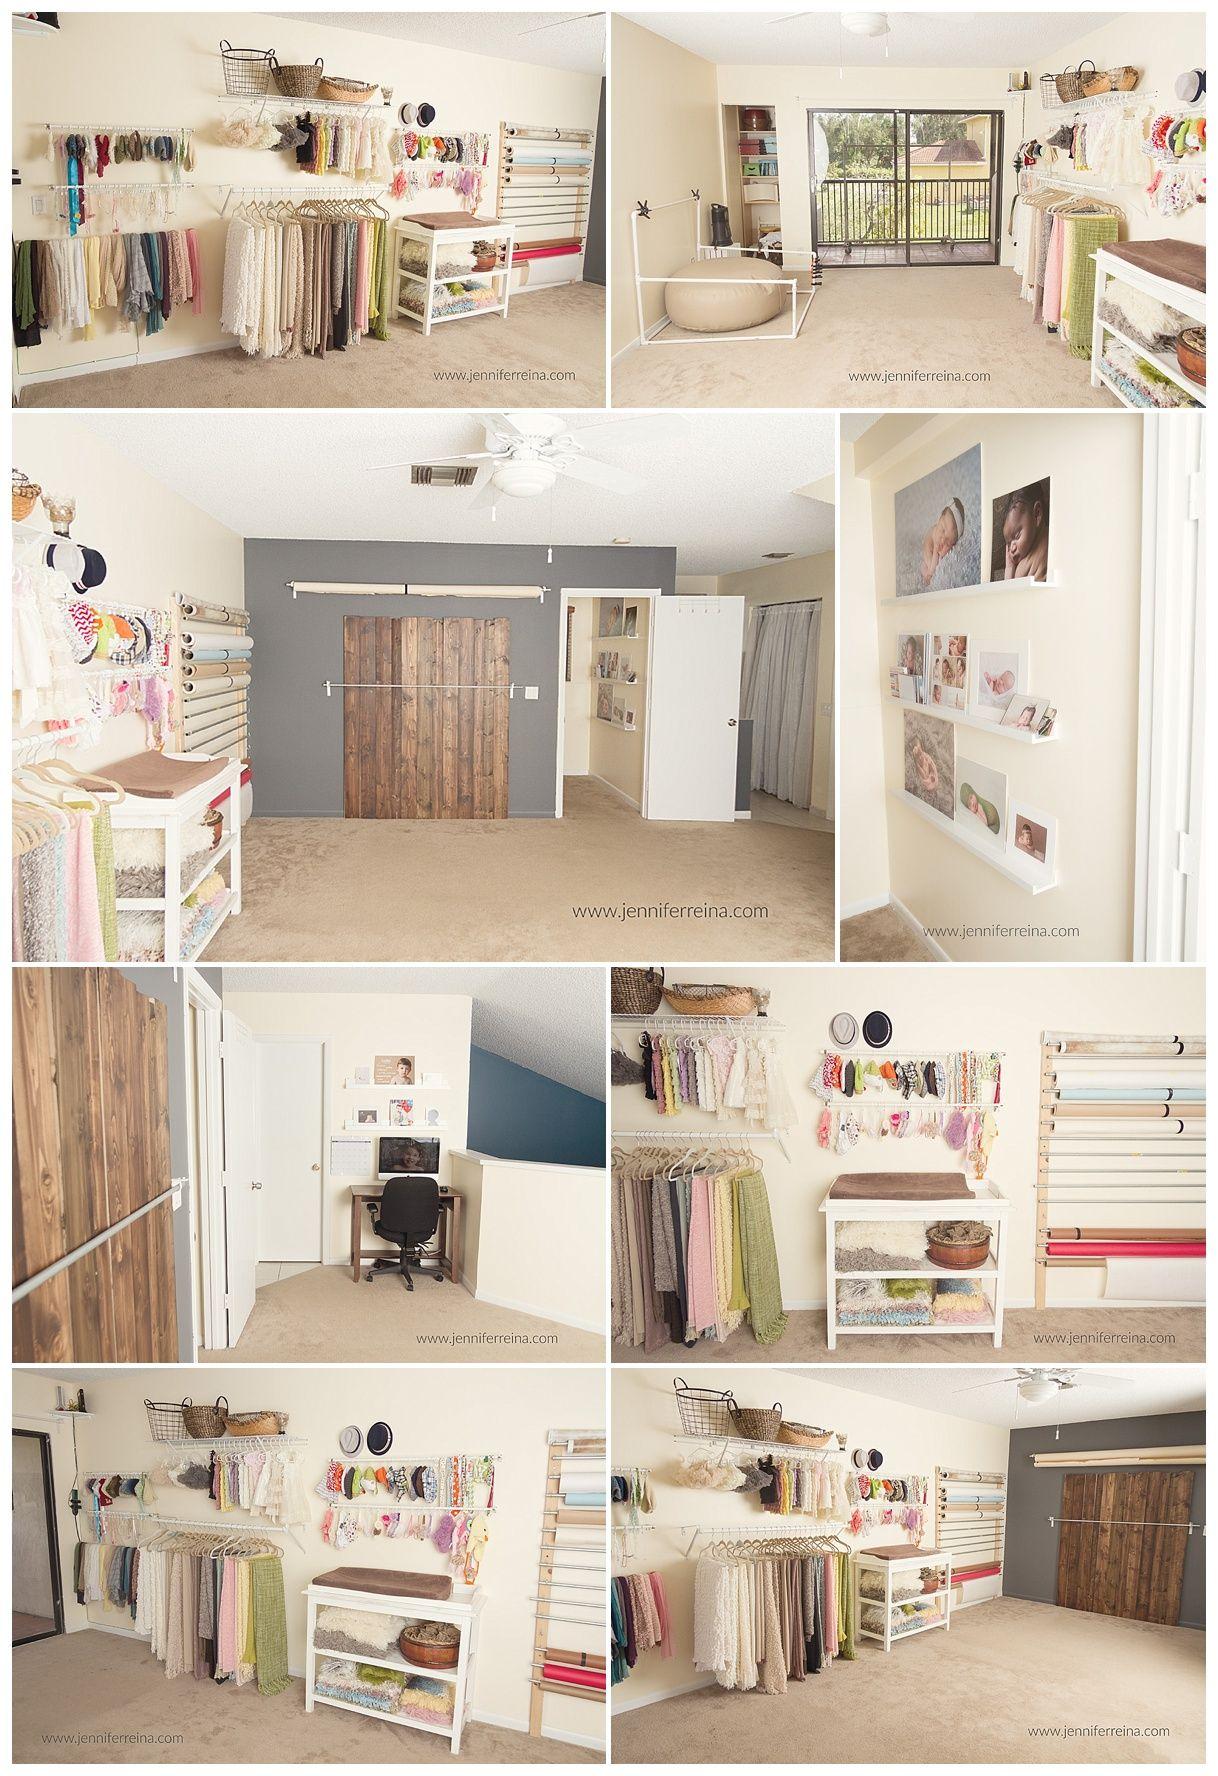 Small Newborn Studio Www Jenniferreina Com Home Studio Photography Photography Studio Design Photography Studio Spaces